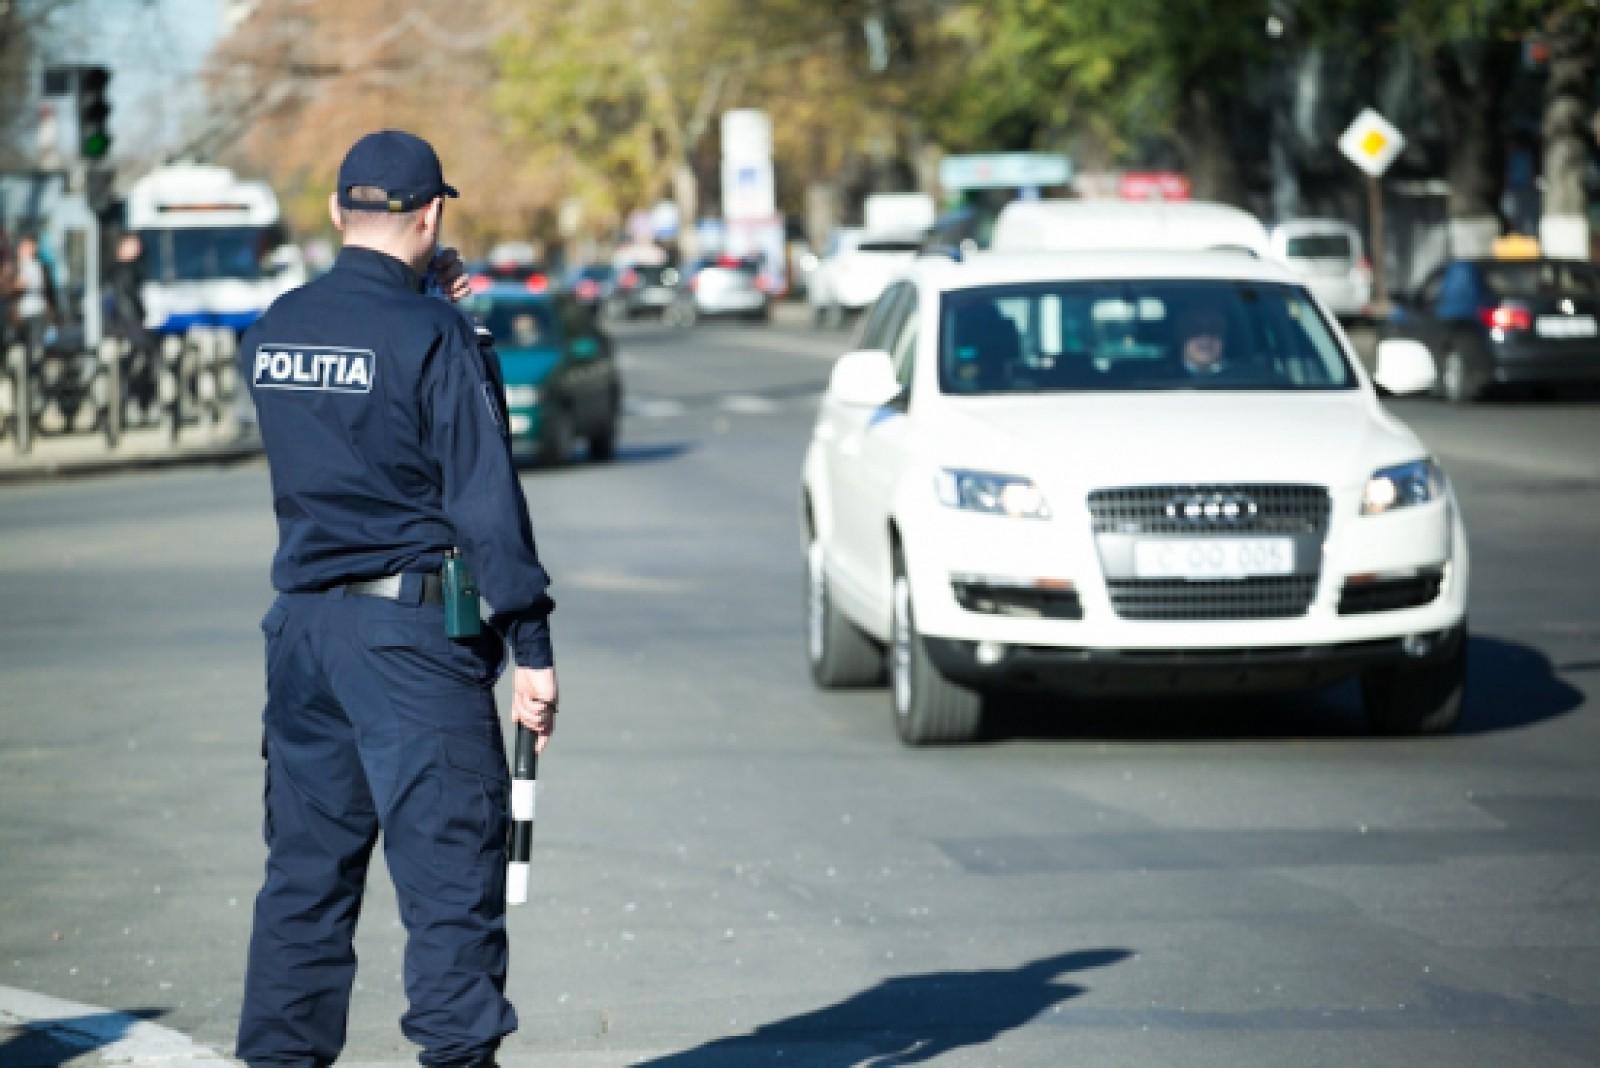 Vitezomanii, în vizorul poliției. Mâine va derula o acțiune de depistare a șoferilor, care nu respectă Regulamentul Circulației Rutiere